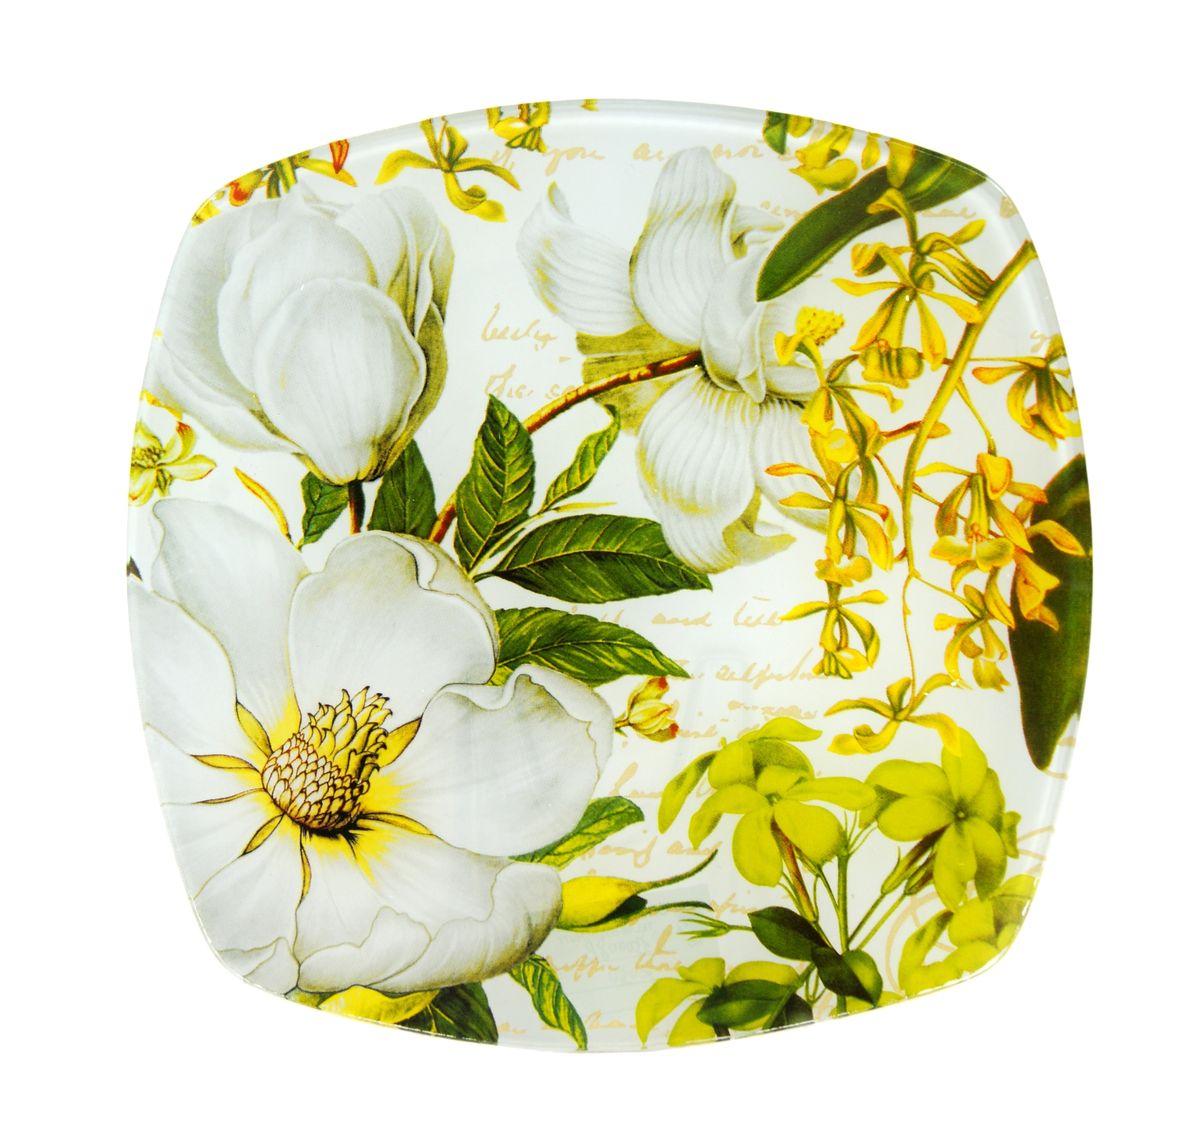 Тарелка Zibo Shelley Белая роза, 20 см х 20 смZSWR350008Тарелка Zibo Shelley Белая роза изготовлена из высококачественного стекла и предназначена для красивой подачи различных блюд. Изделие декорировано оригинальной яркой картинкой. Такая тарелка украсит сервировку стола и подчеркнет прекрасный вкус хозяйки. Можно мыть в посудомоечной машине. Размер изделия (по верхнему краю): 20 см х 20 см. Высота изделия: 1,5 см.